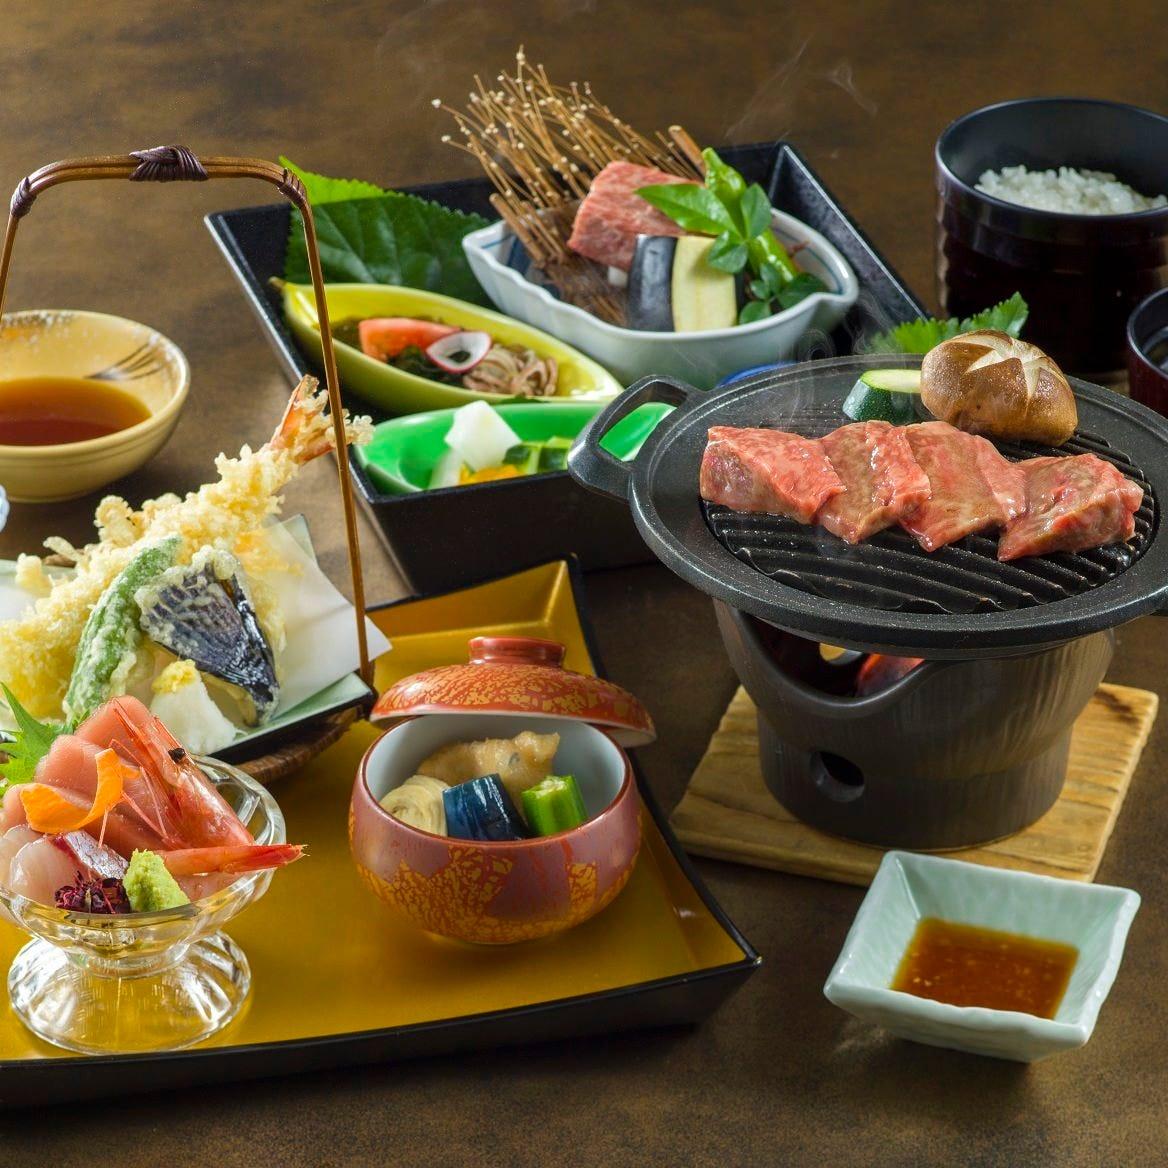 栃木県の穏やかな風土が 織り成す食材を味わう御膳料理